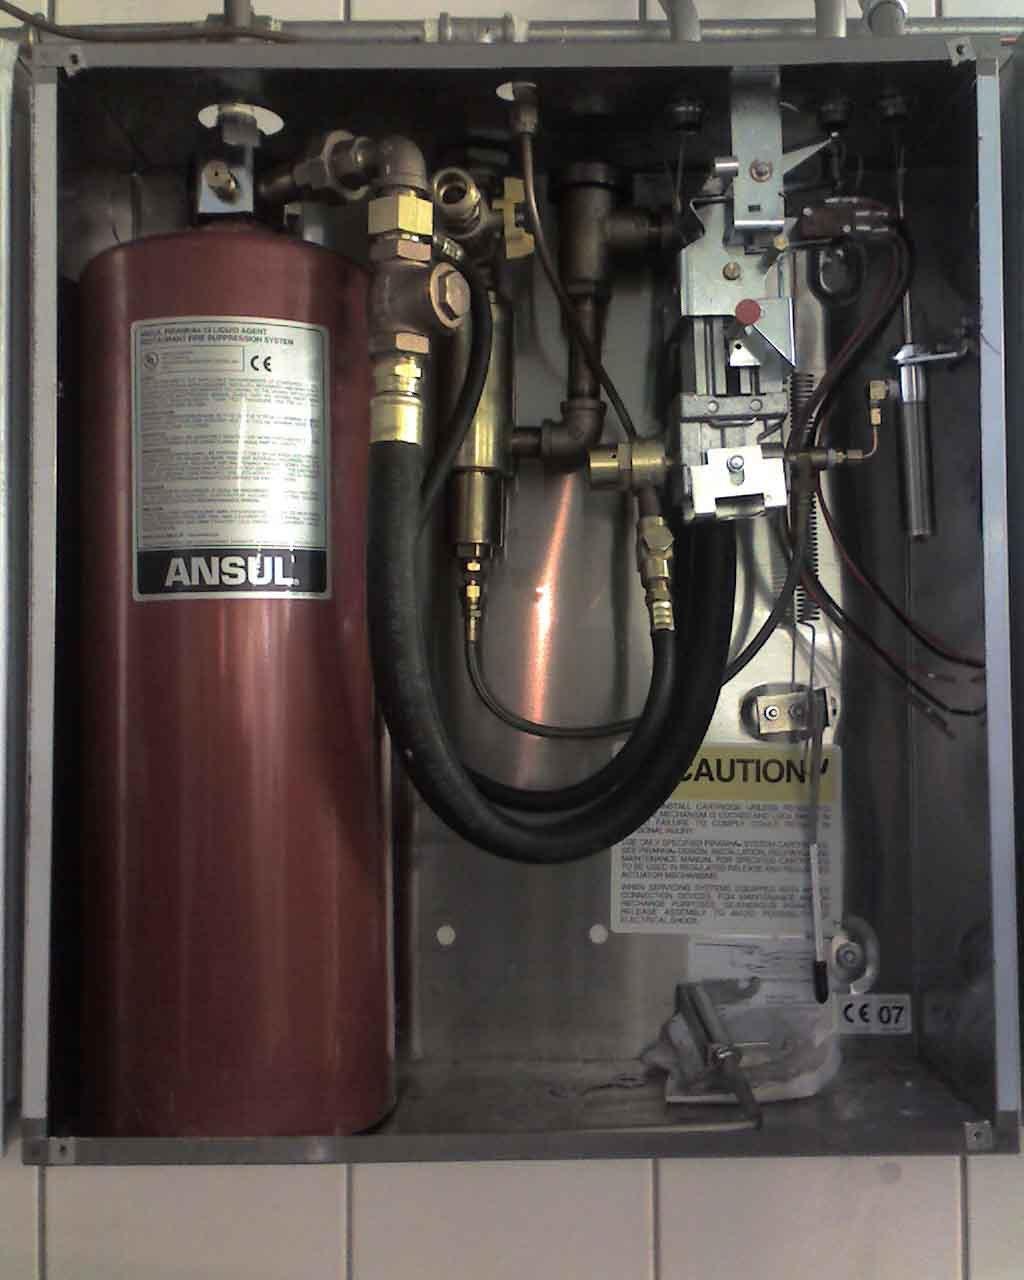 食人鱼(PIRANHA)厨房灭火系统